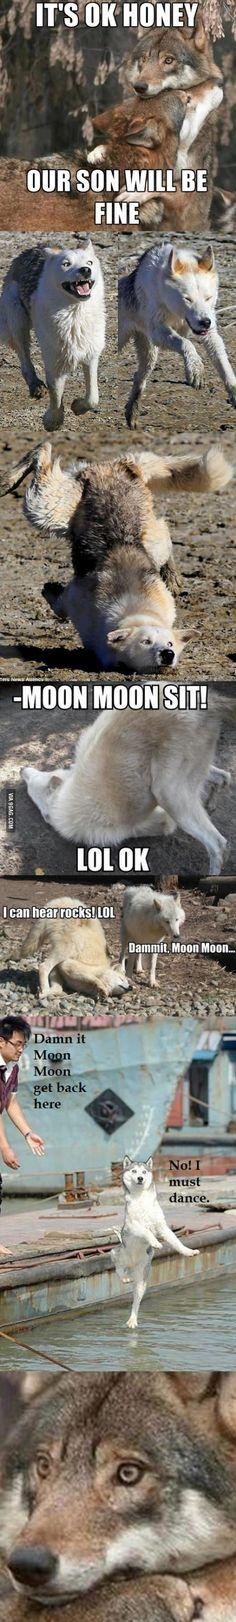 Dammit Moon Moon!>>>> No no no no it's ....GAMMIT MOON MOON!!!!!!>>> YASSSS>>>>>>MOON MOON!!!!!!